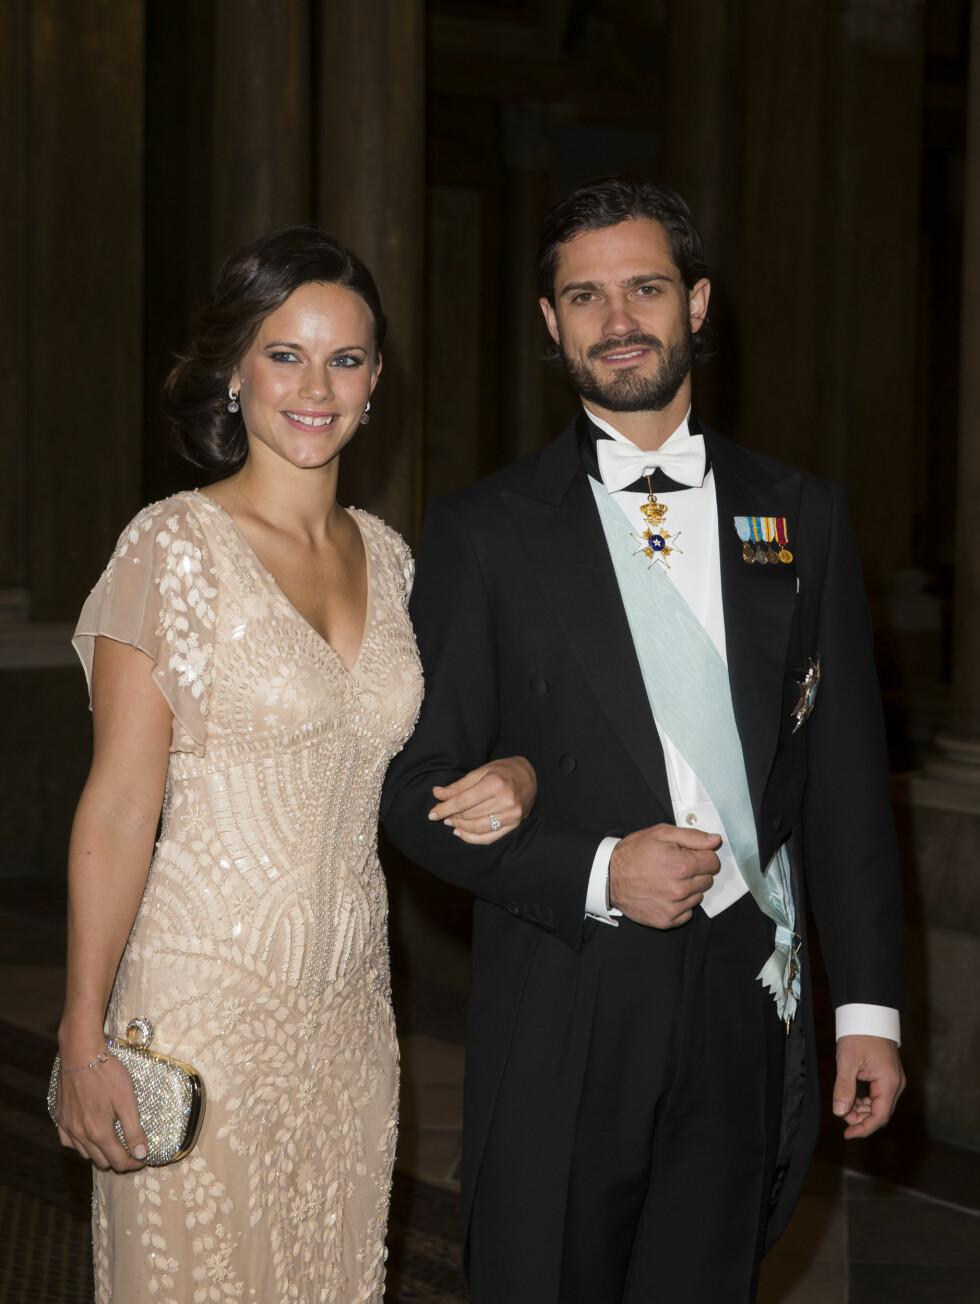 NOBELMIDDAG: Sofia strålte ved sin manns side i forbindelse med Nobelfestlighetene i Stockholm i desember. Foto: Stella Pictures